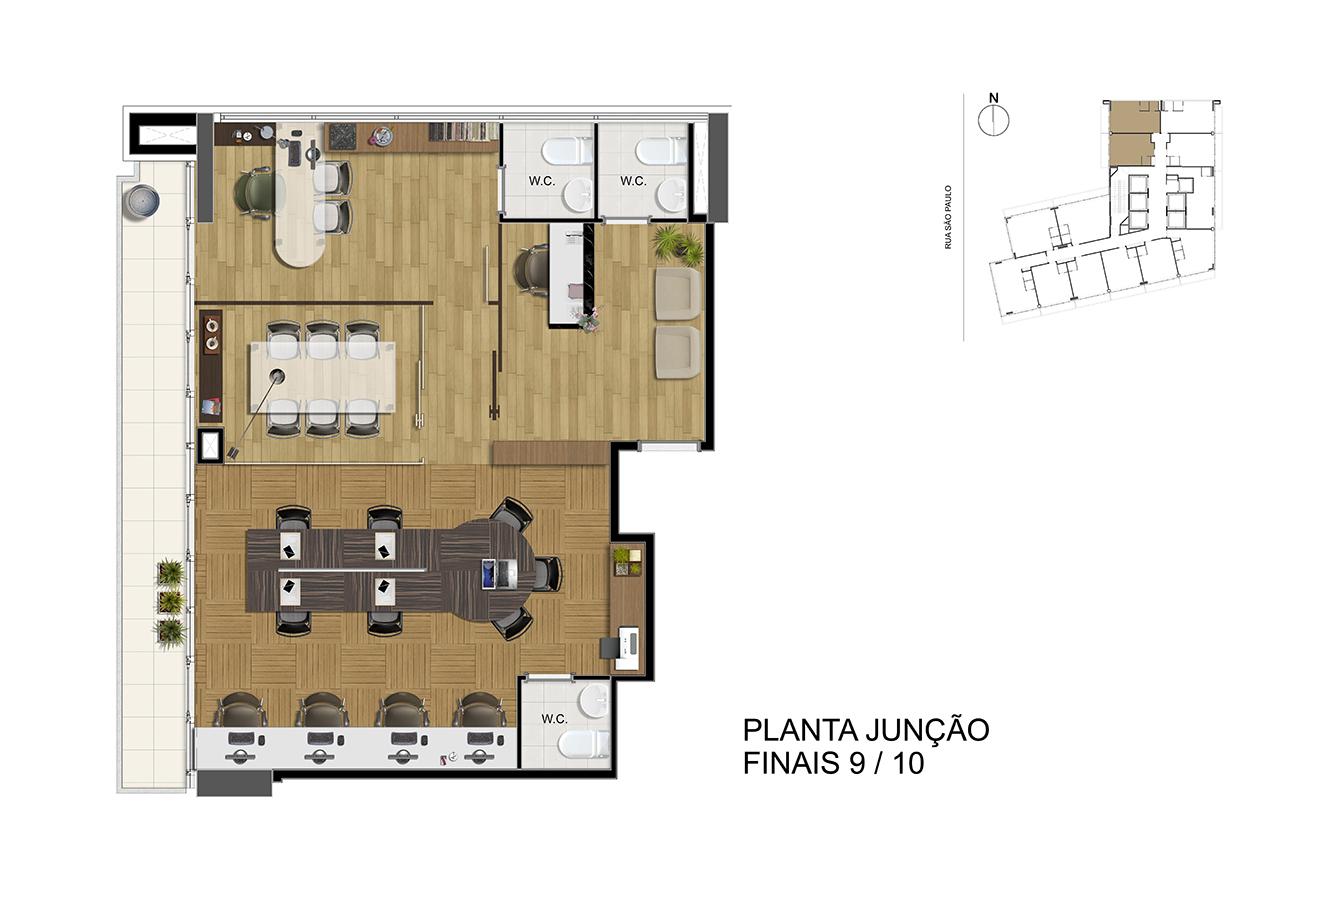 Planta Junção - Finais 9/10 Manhattan Office Santos